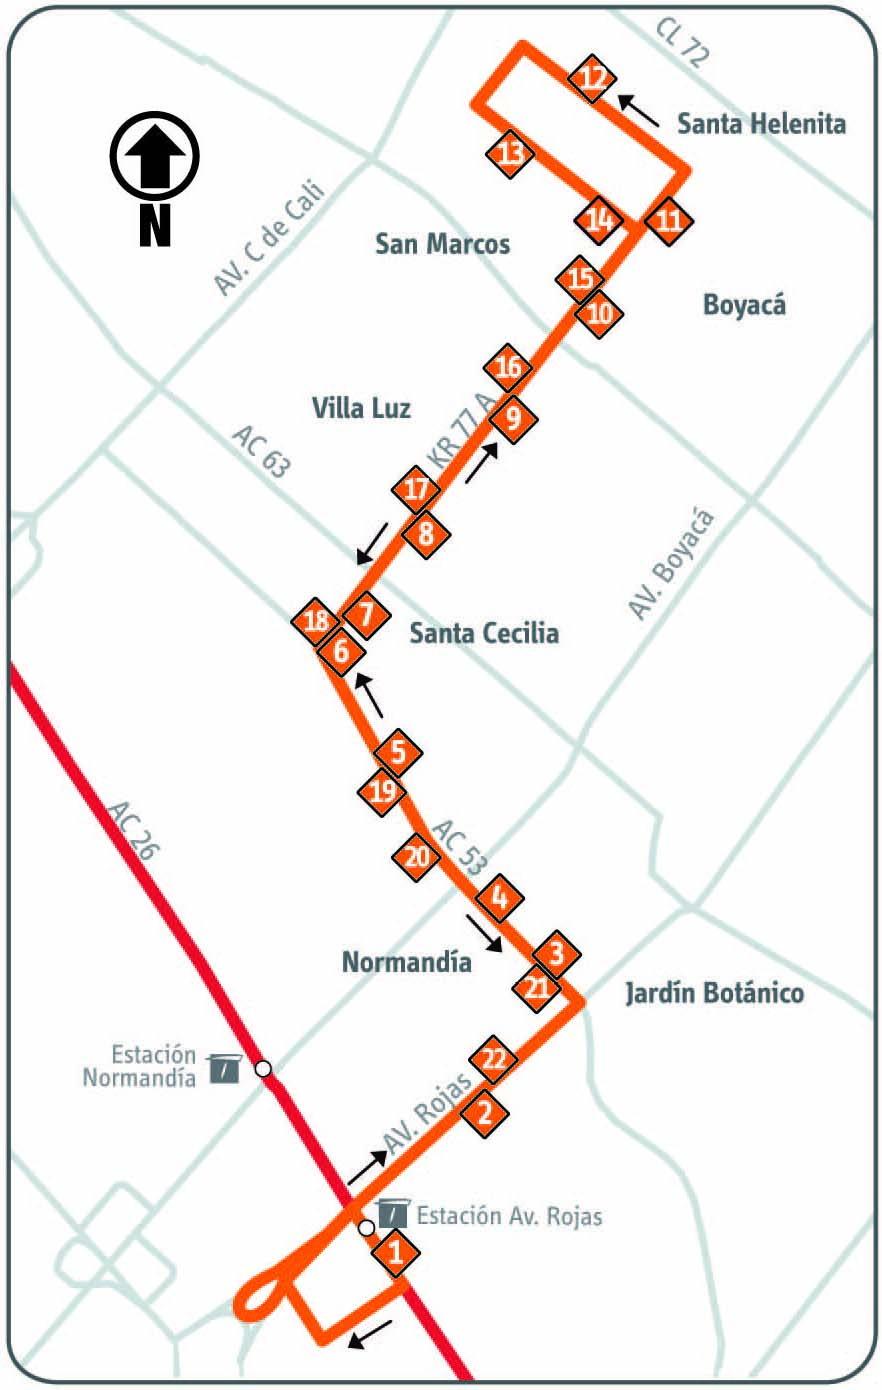 Ruta SITP: 17-2 Santa Helenita [Complementaria] 1